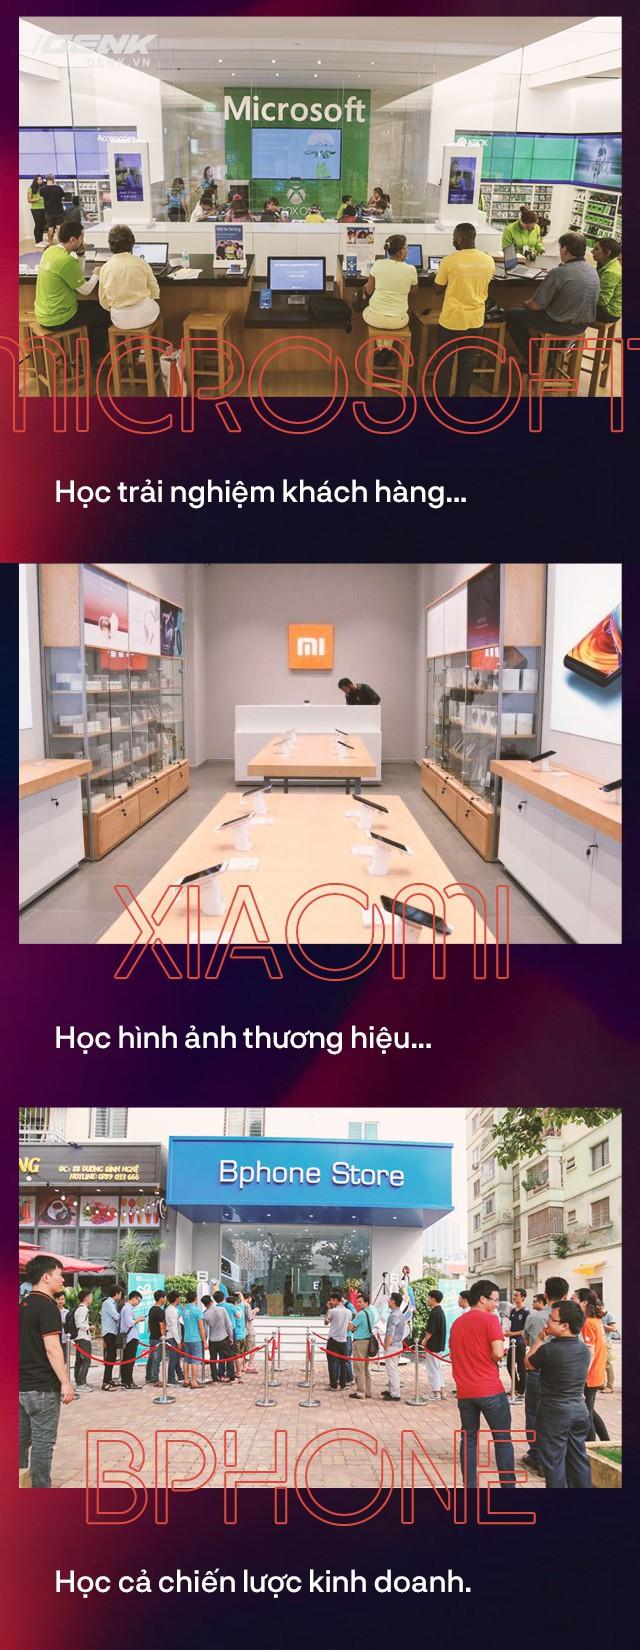 Bài học để đời: Apple Store có gì thần thánh mà hãng nào cũng học hỏi kể cả Microsoft, Samsung, Xiaomi lẫn... Bphone? - Ảnh 6.